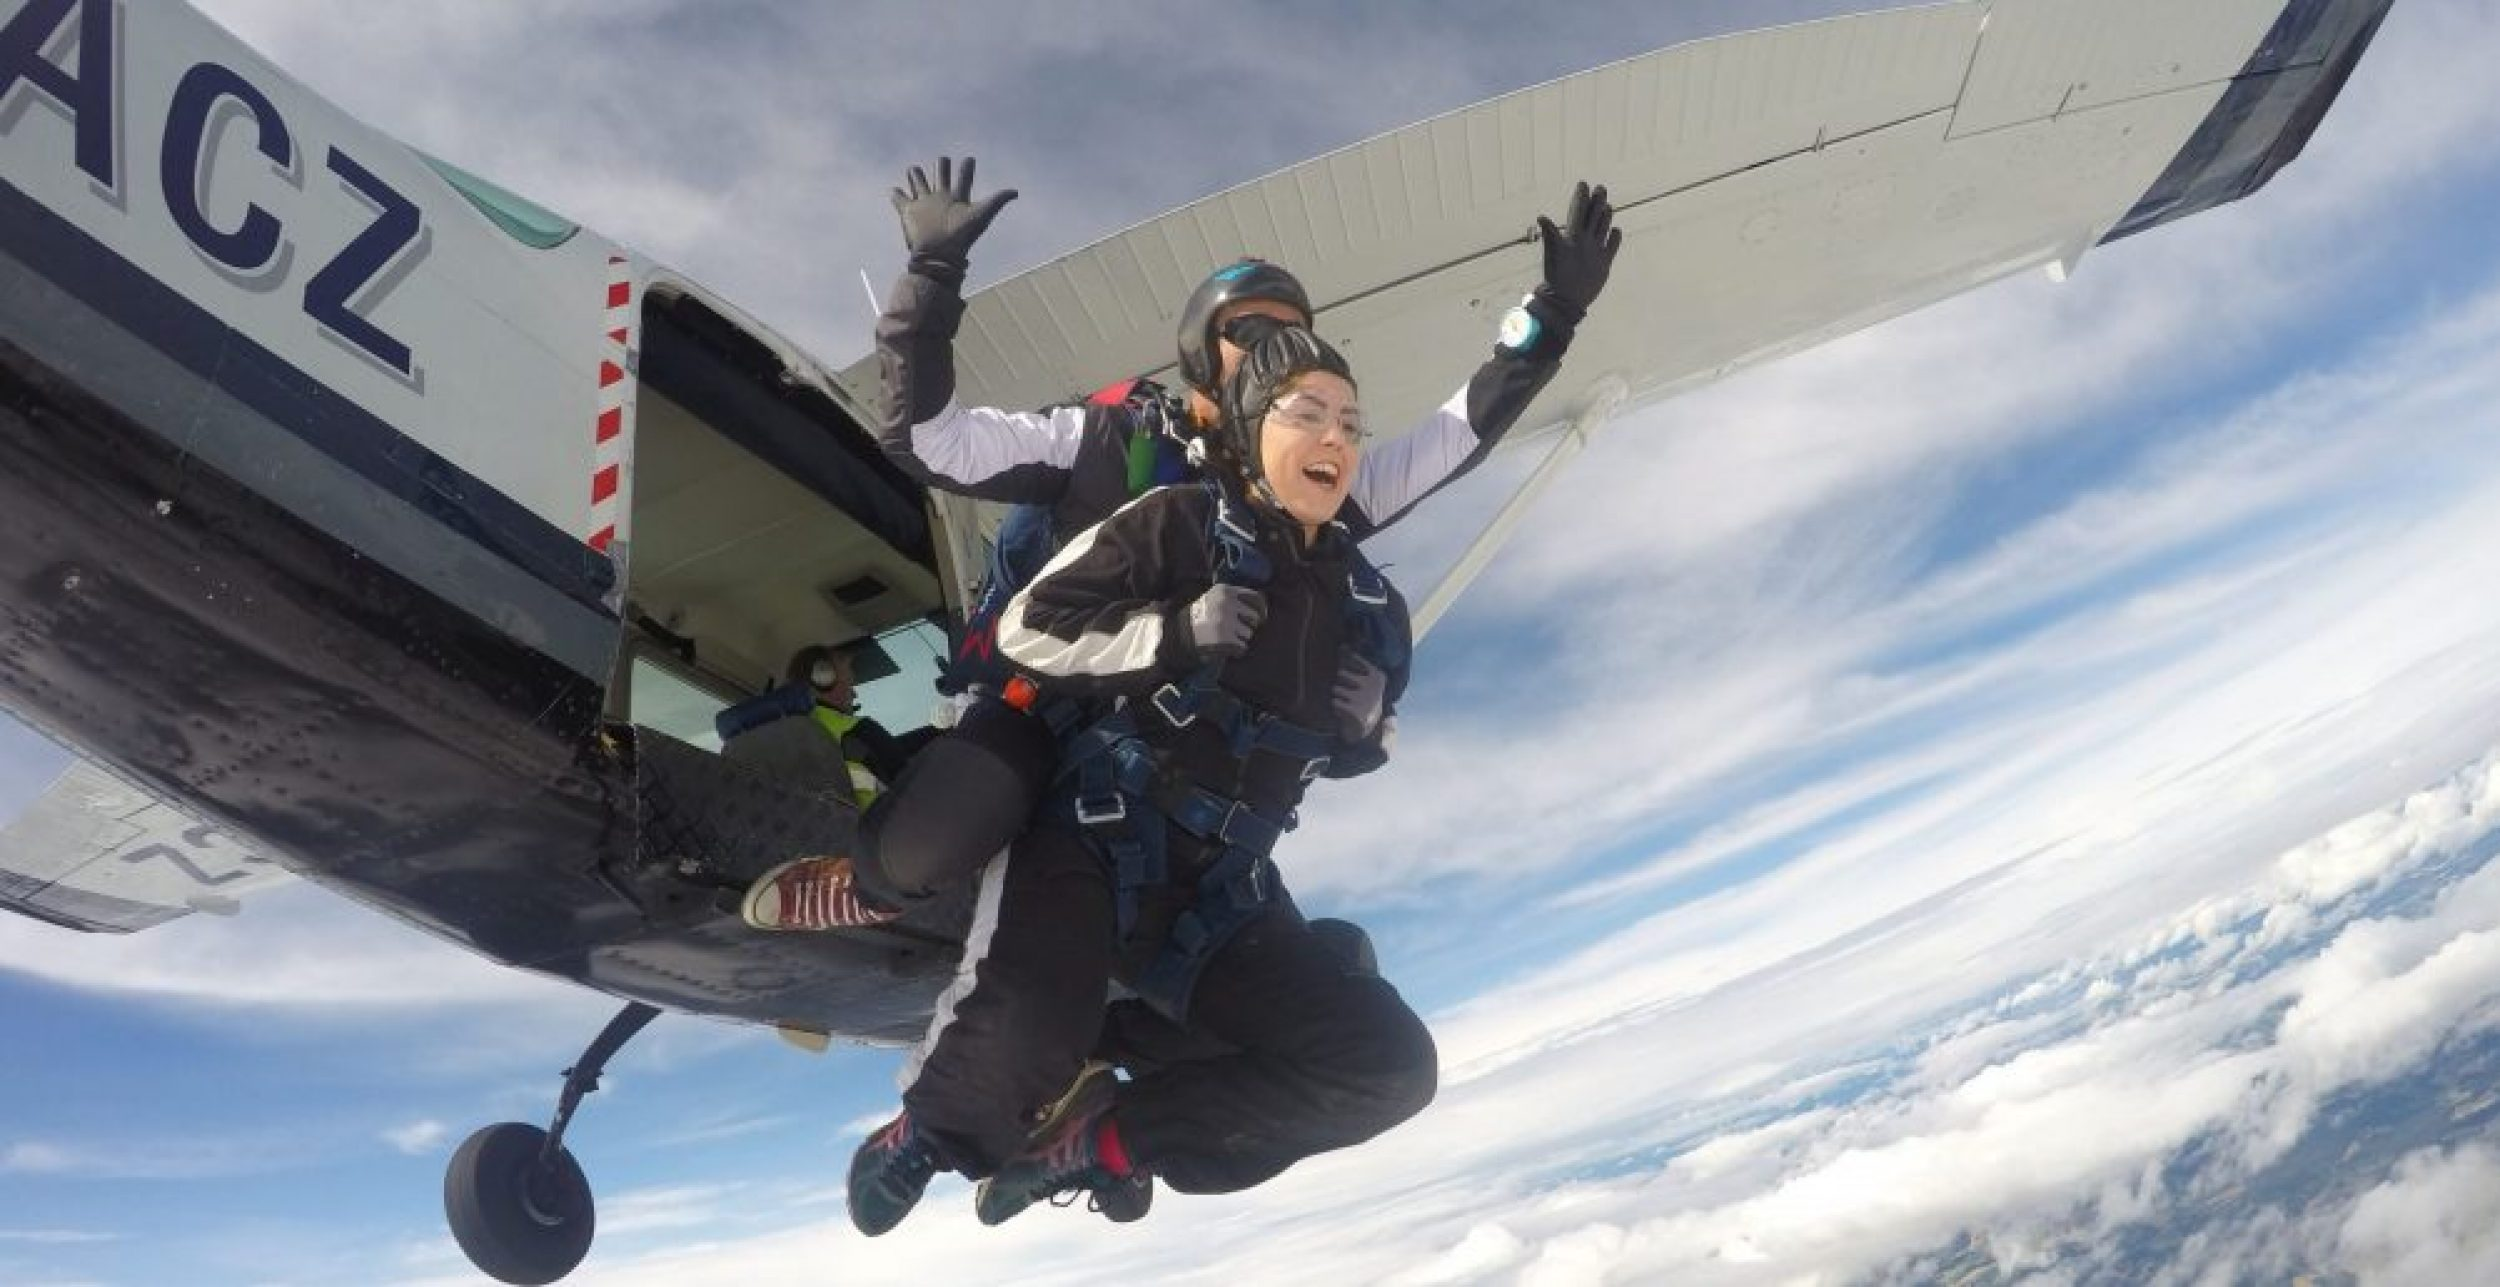 Skydive Viken – Nimbus Fallskjermklubb